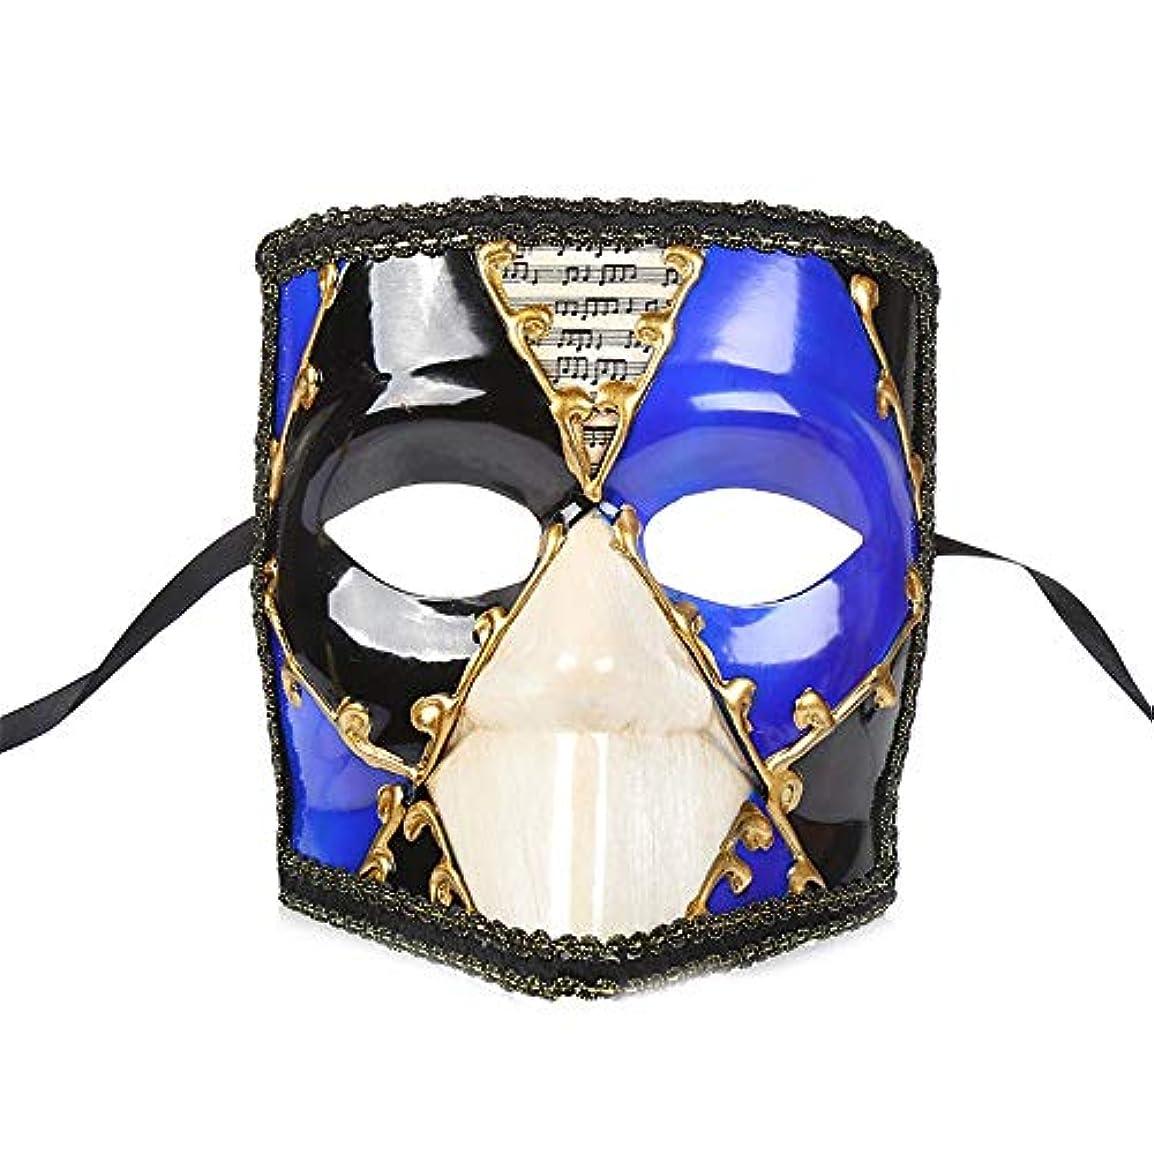 予見するトピック会計士ダンスマスク ピエロマスクヴィンテージマスカレードショーデコレーションコスプレナイトクラブプラスチック厚いマスク パーティーボールマスク (色 : 青, サイズ : 18x15cm)